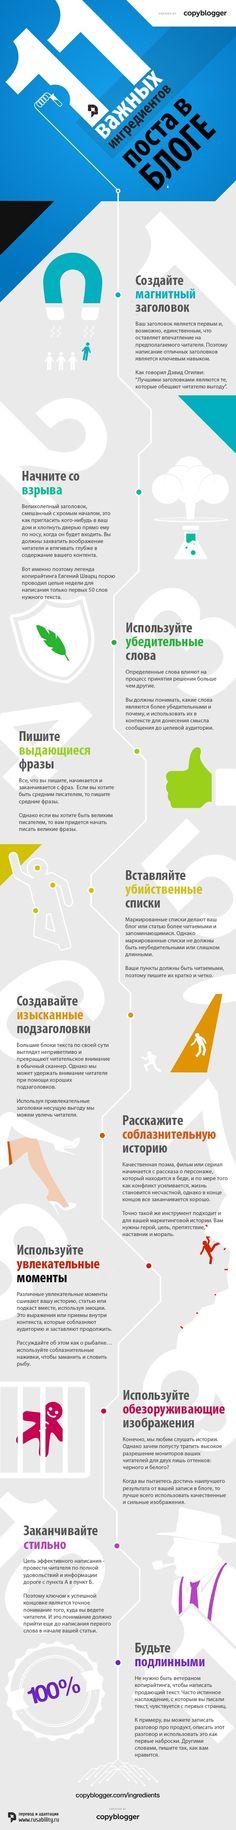 контент, маркетинг, контент-маркетинг, копирайтинг, пост, блог, советы блоггеру, 11 советов, инфографика